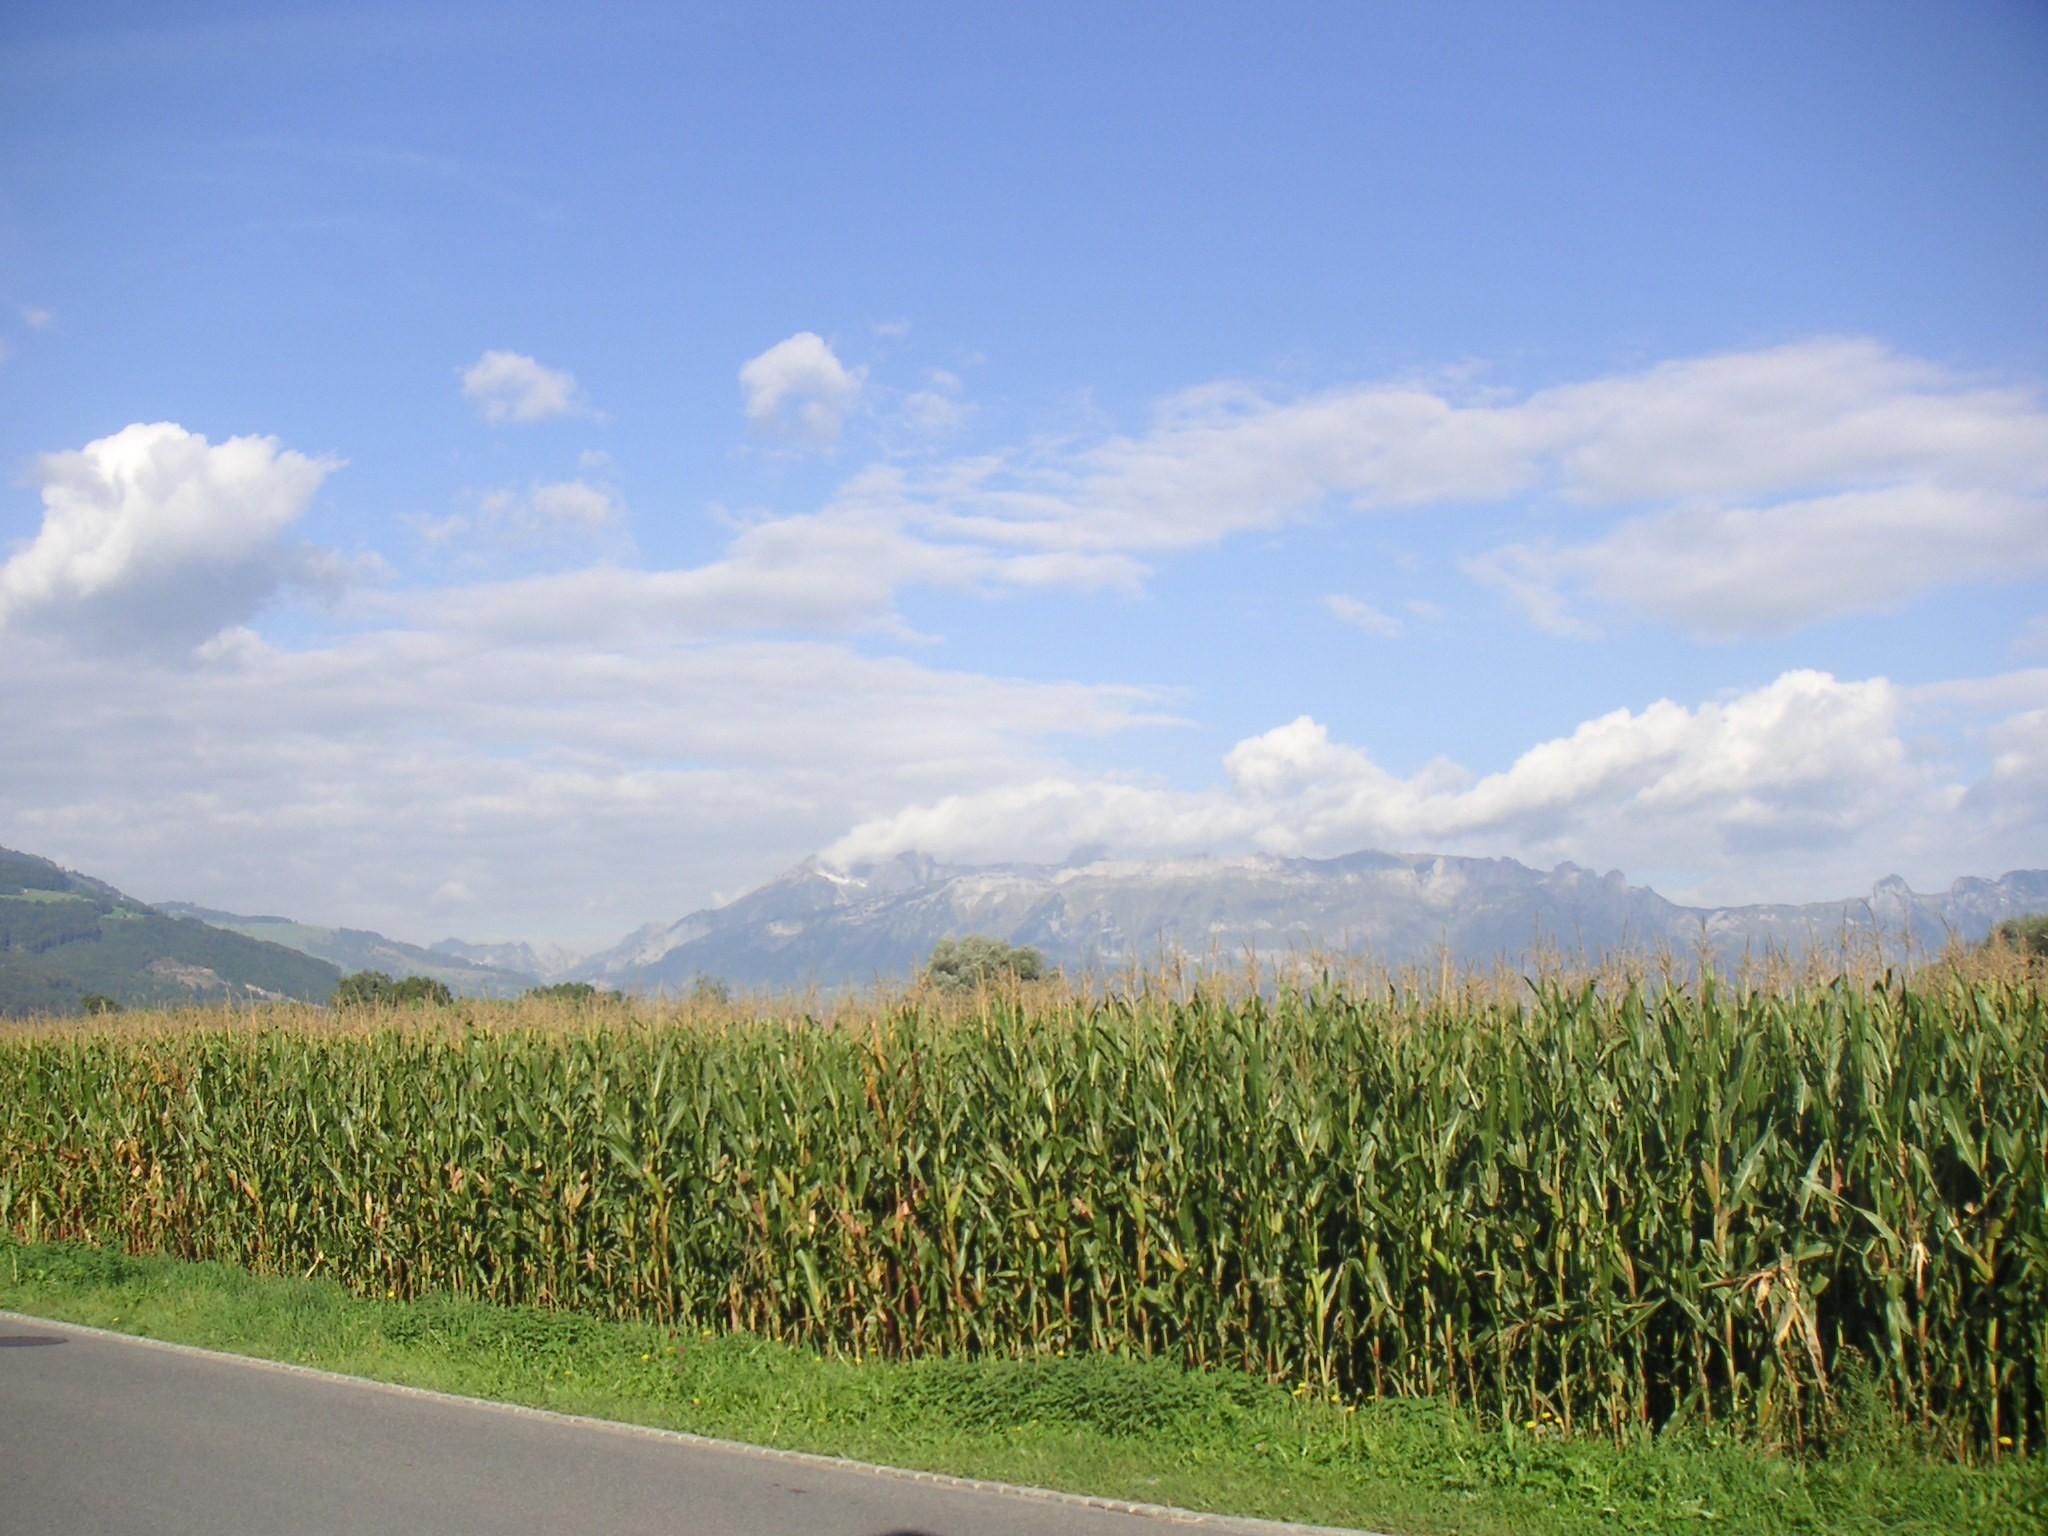 Corn Milling: Wet vs. Dry